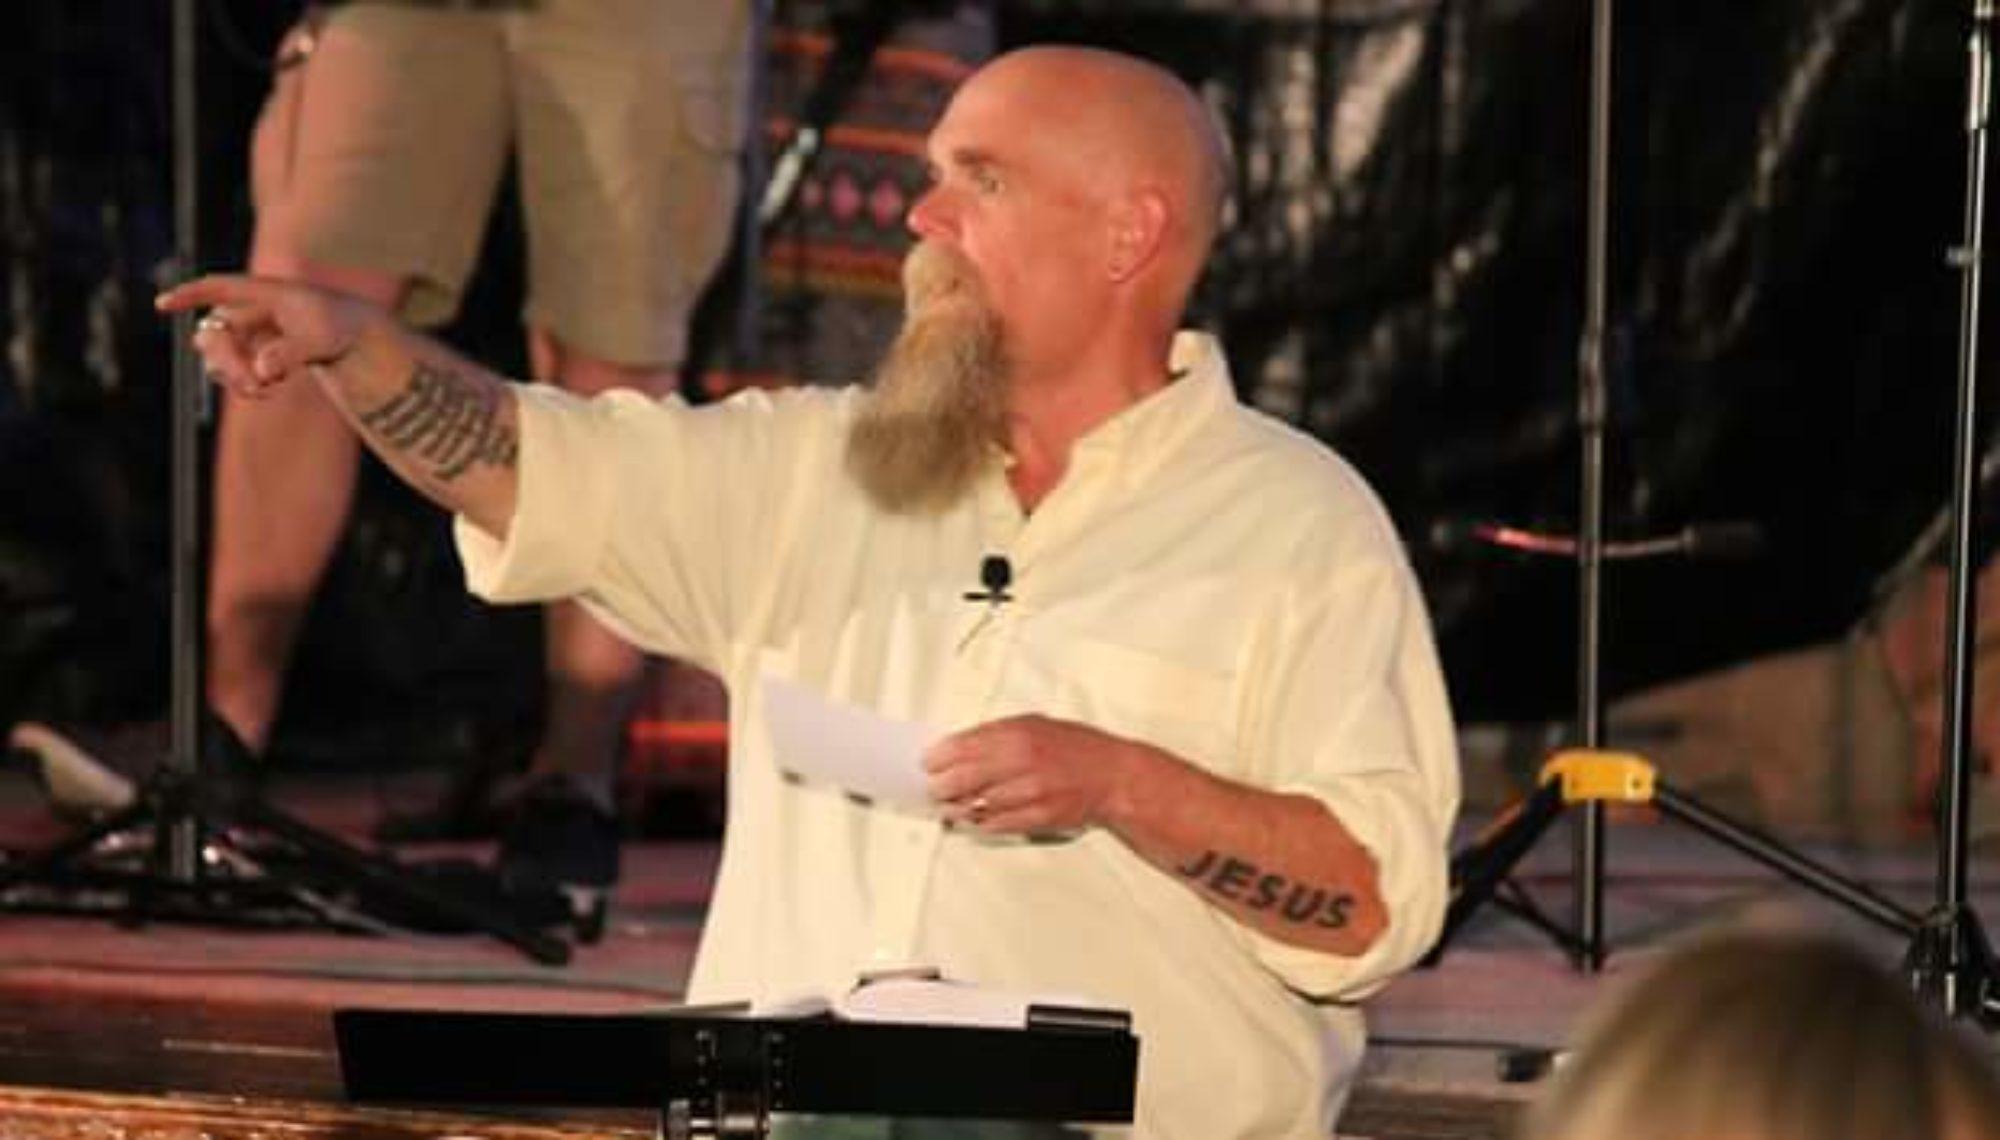 Pastor Glenn Scott